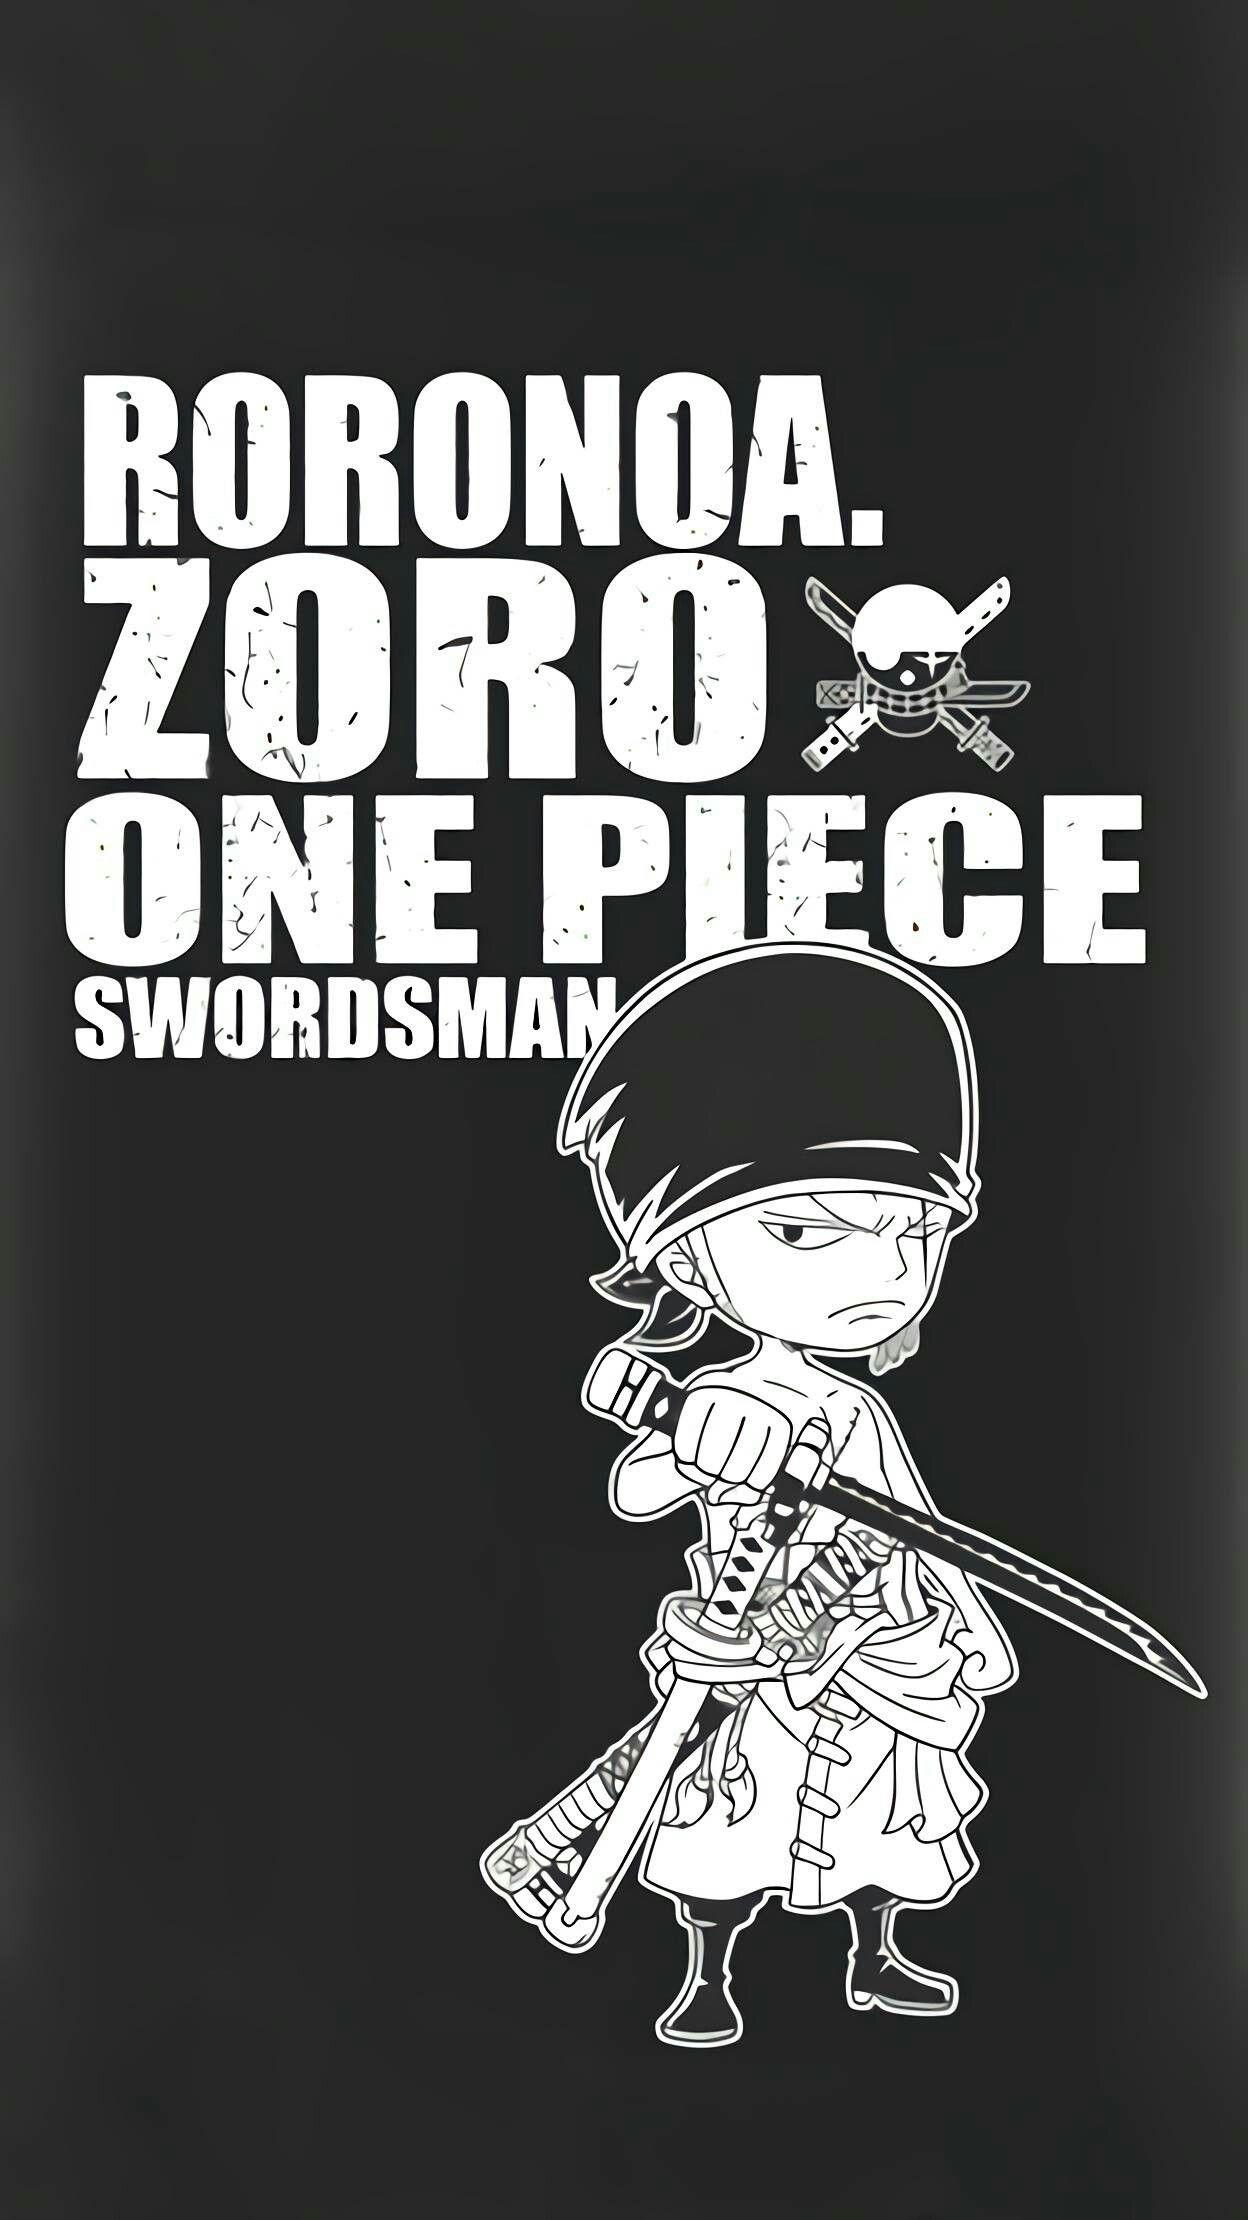 Roronoa Zoro One Piece Swordsman Bajak Laut Logo Keren Gambar